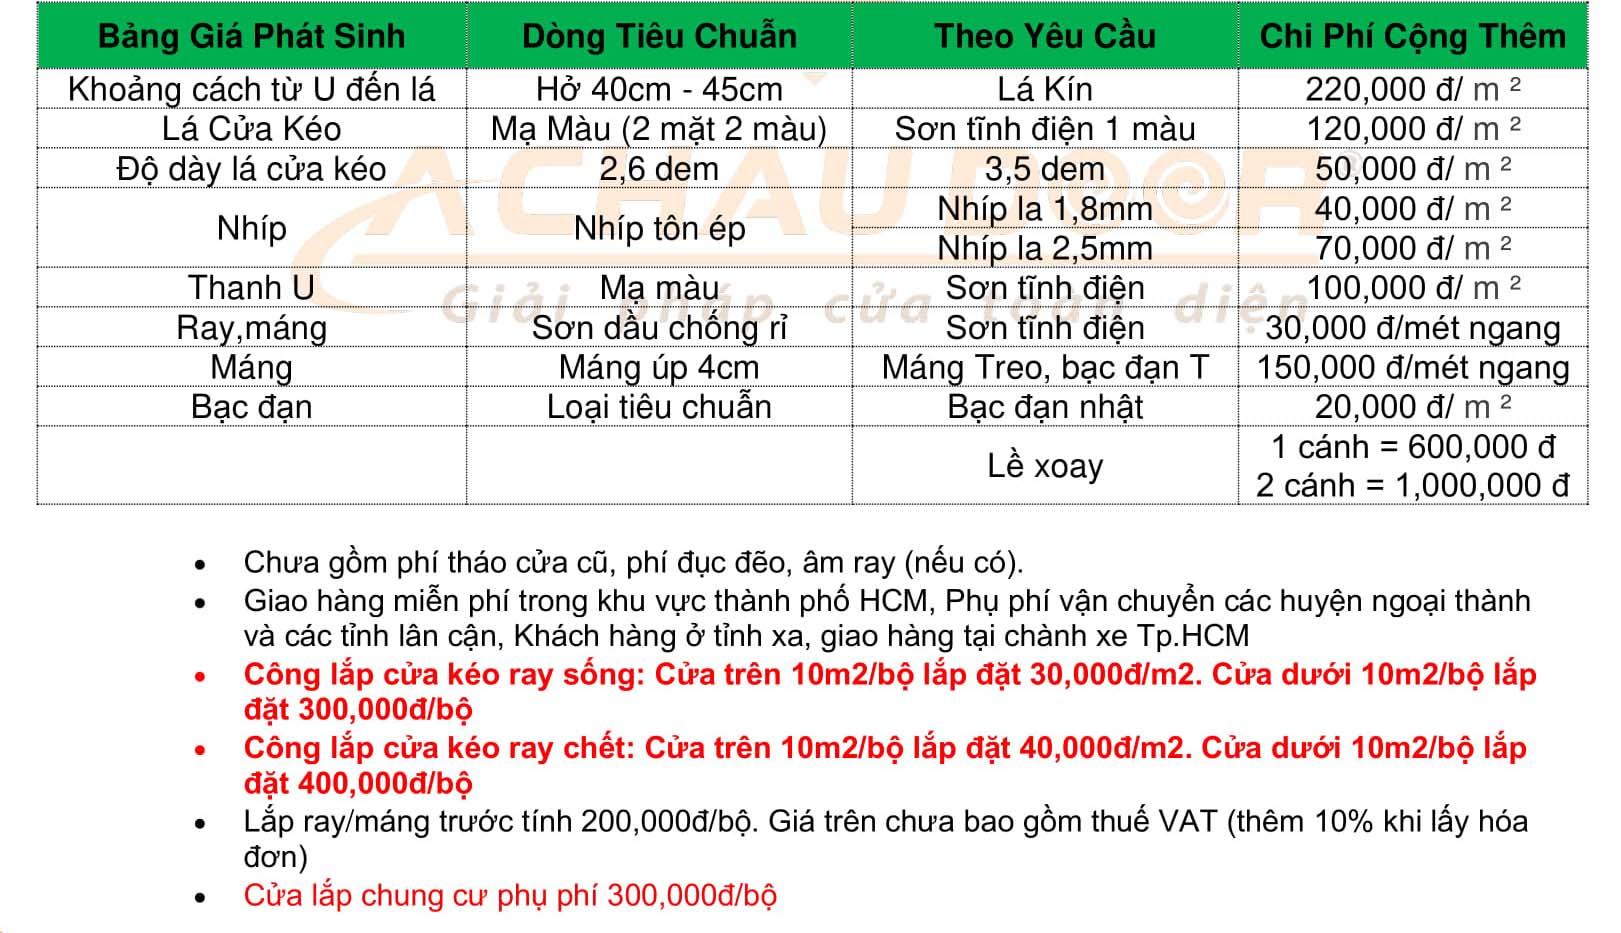 Bản giá cửa kéo Đài Loan